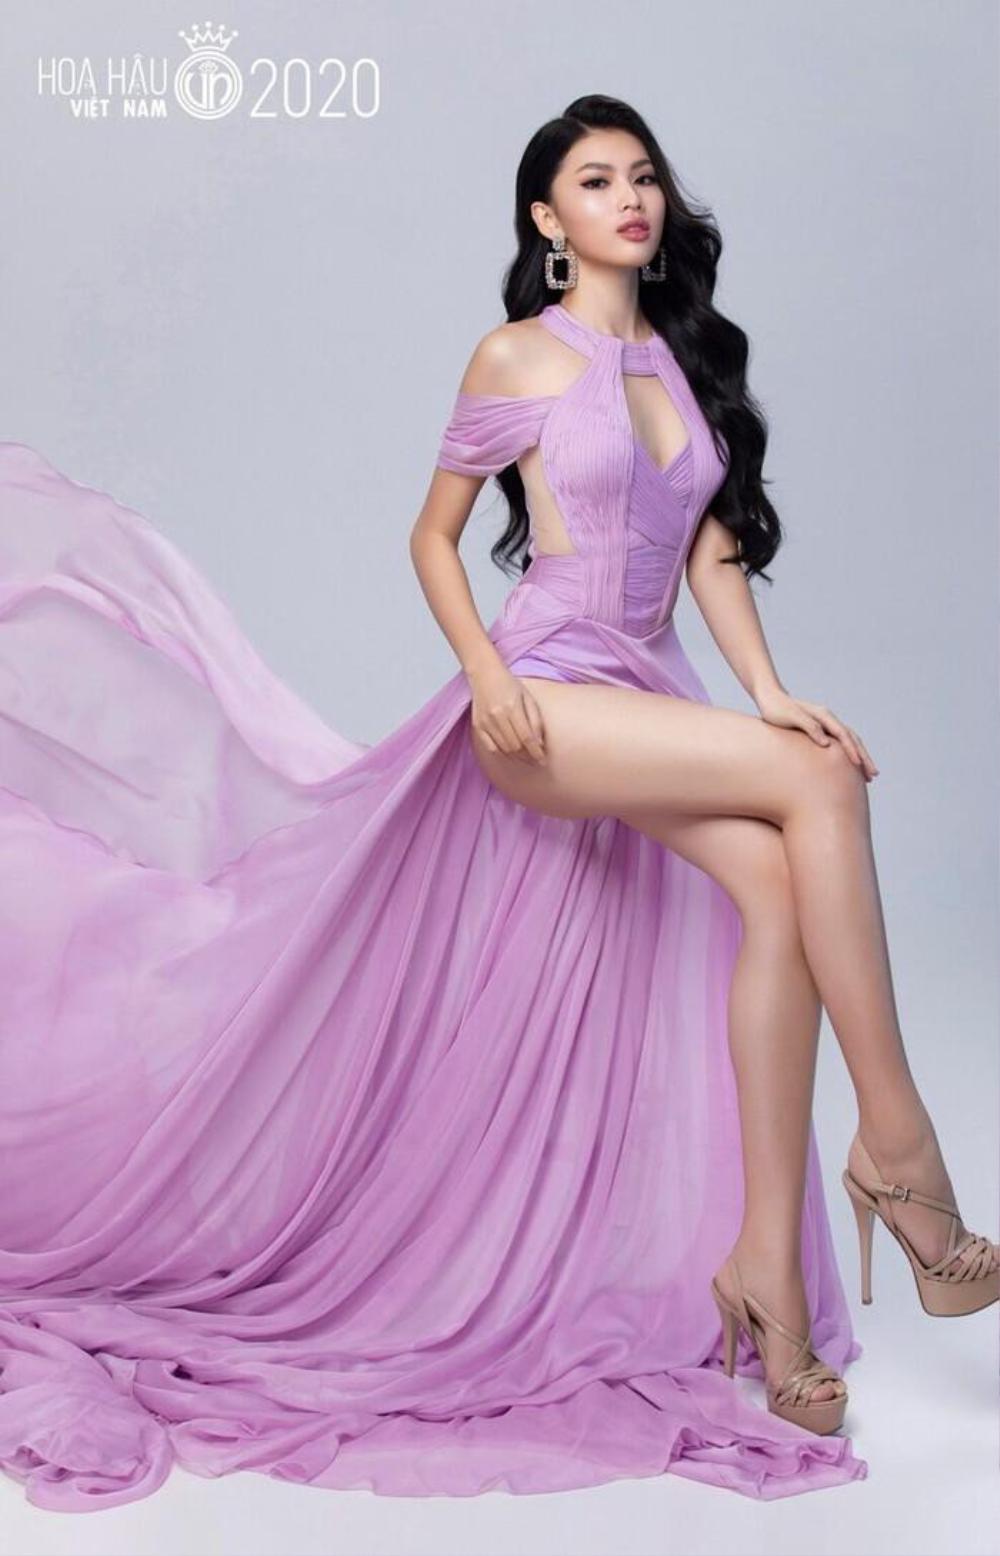 Á hậu 2 Hoa hậu Việt Nam 2020 Ngọc Thảo chuộng váy siêu ngắn khoe đôi chân 1m11 Ảnh 4